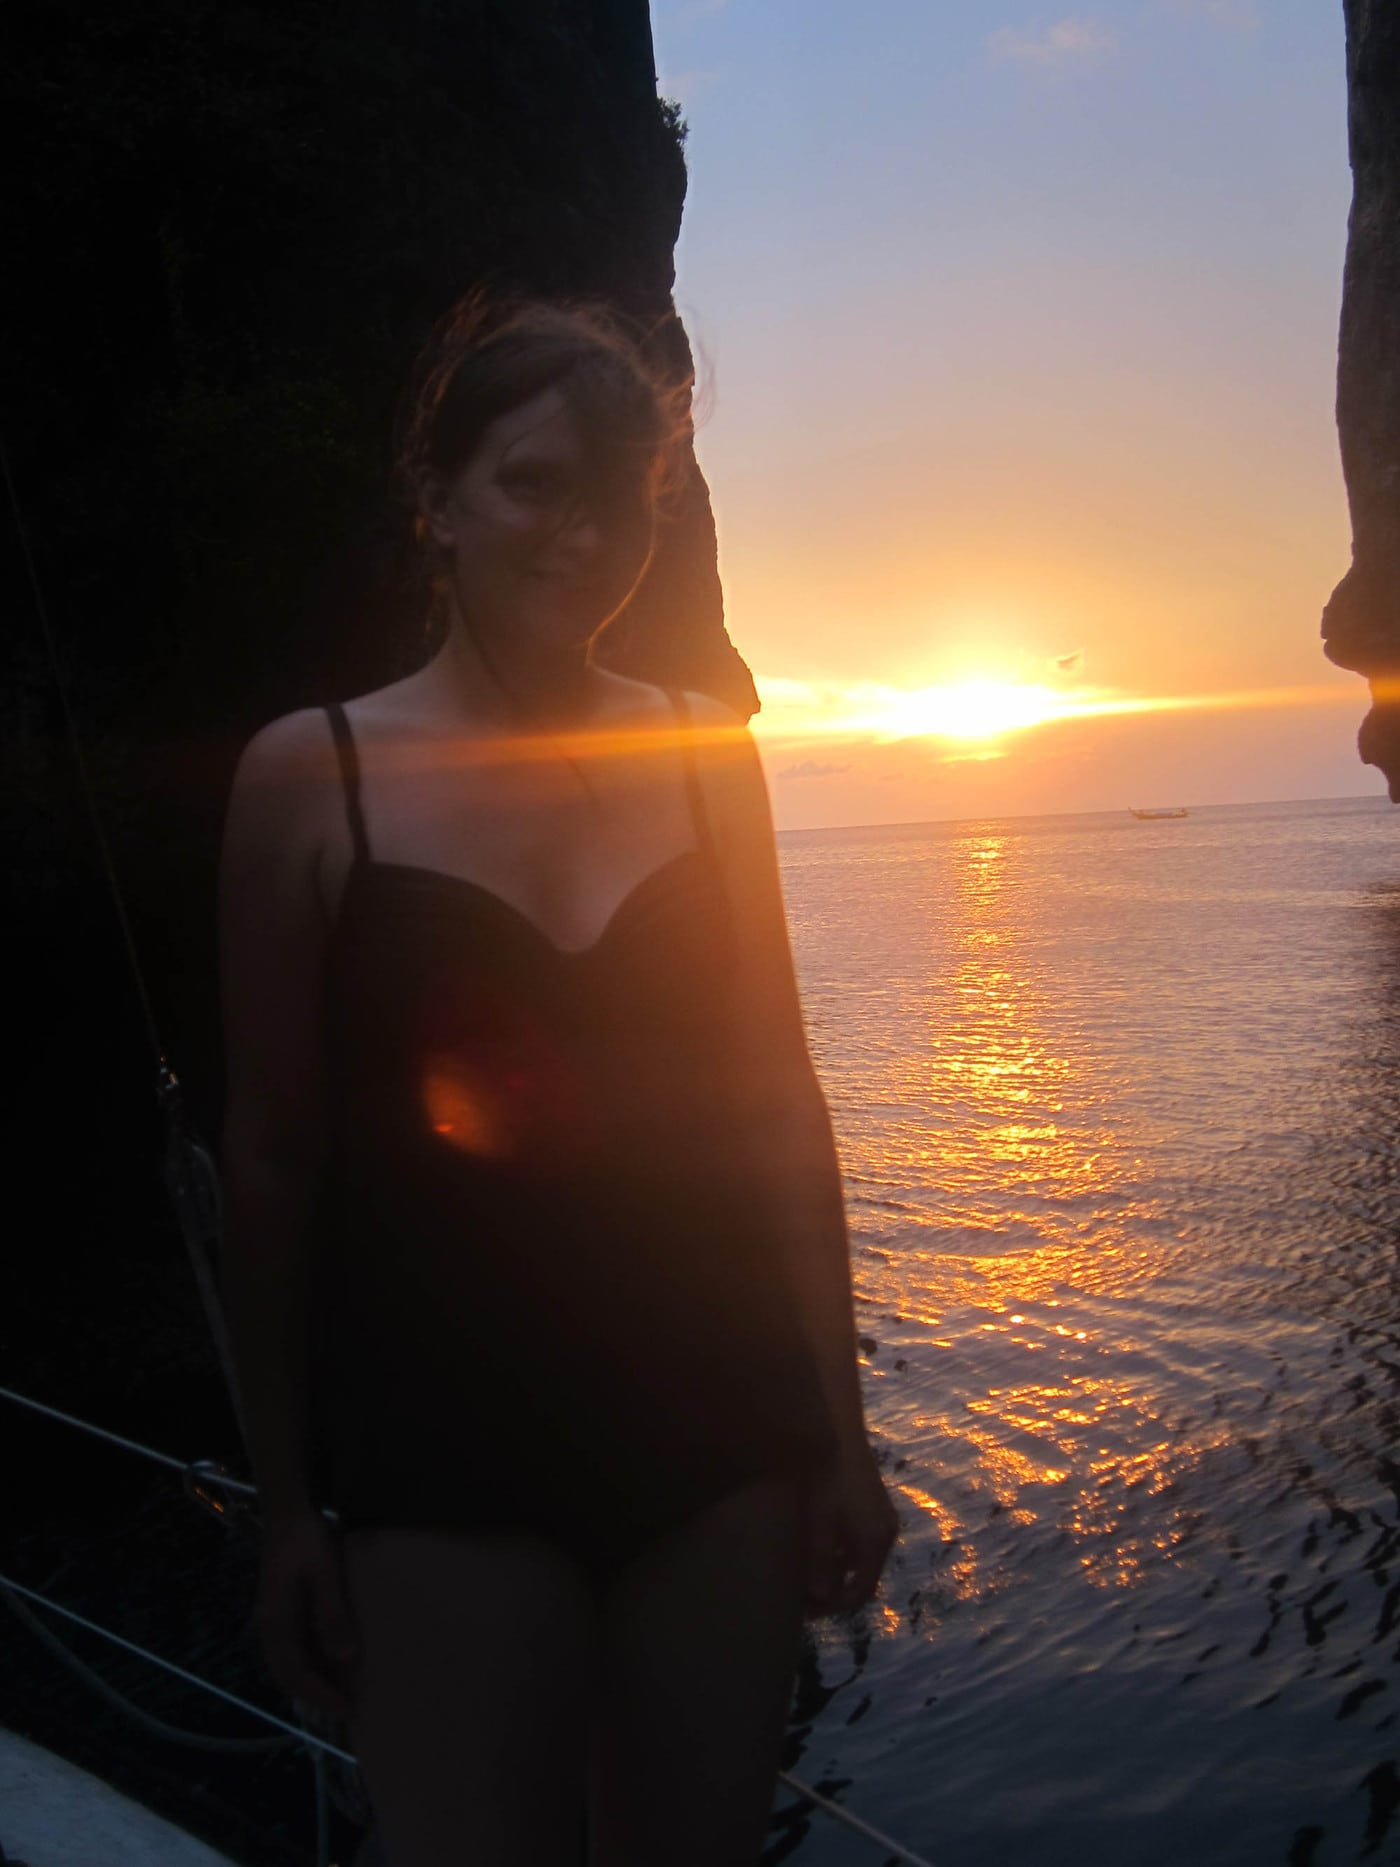 Wang Long Bay, The Kissing Rock Faces, at sunset, Koh Phi Phi Island Booze Cruise